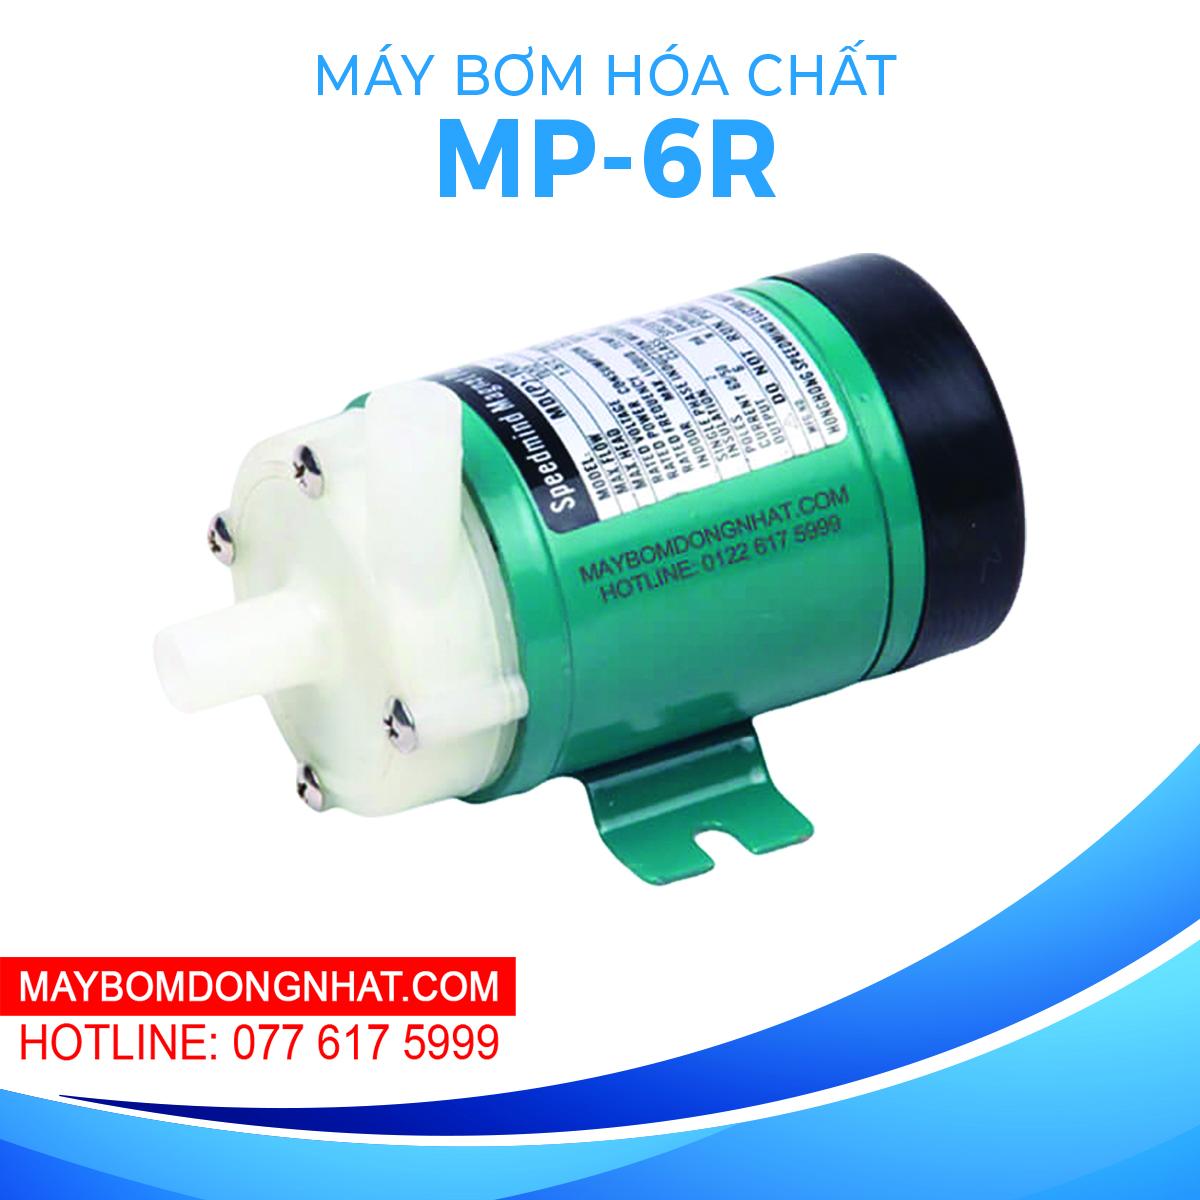 Máy bơm hóa chất Smartpumps MP-6R 220V 6W